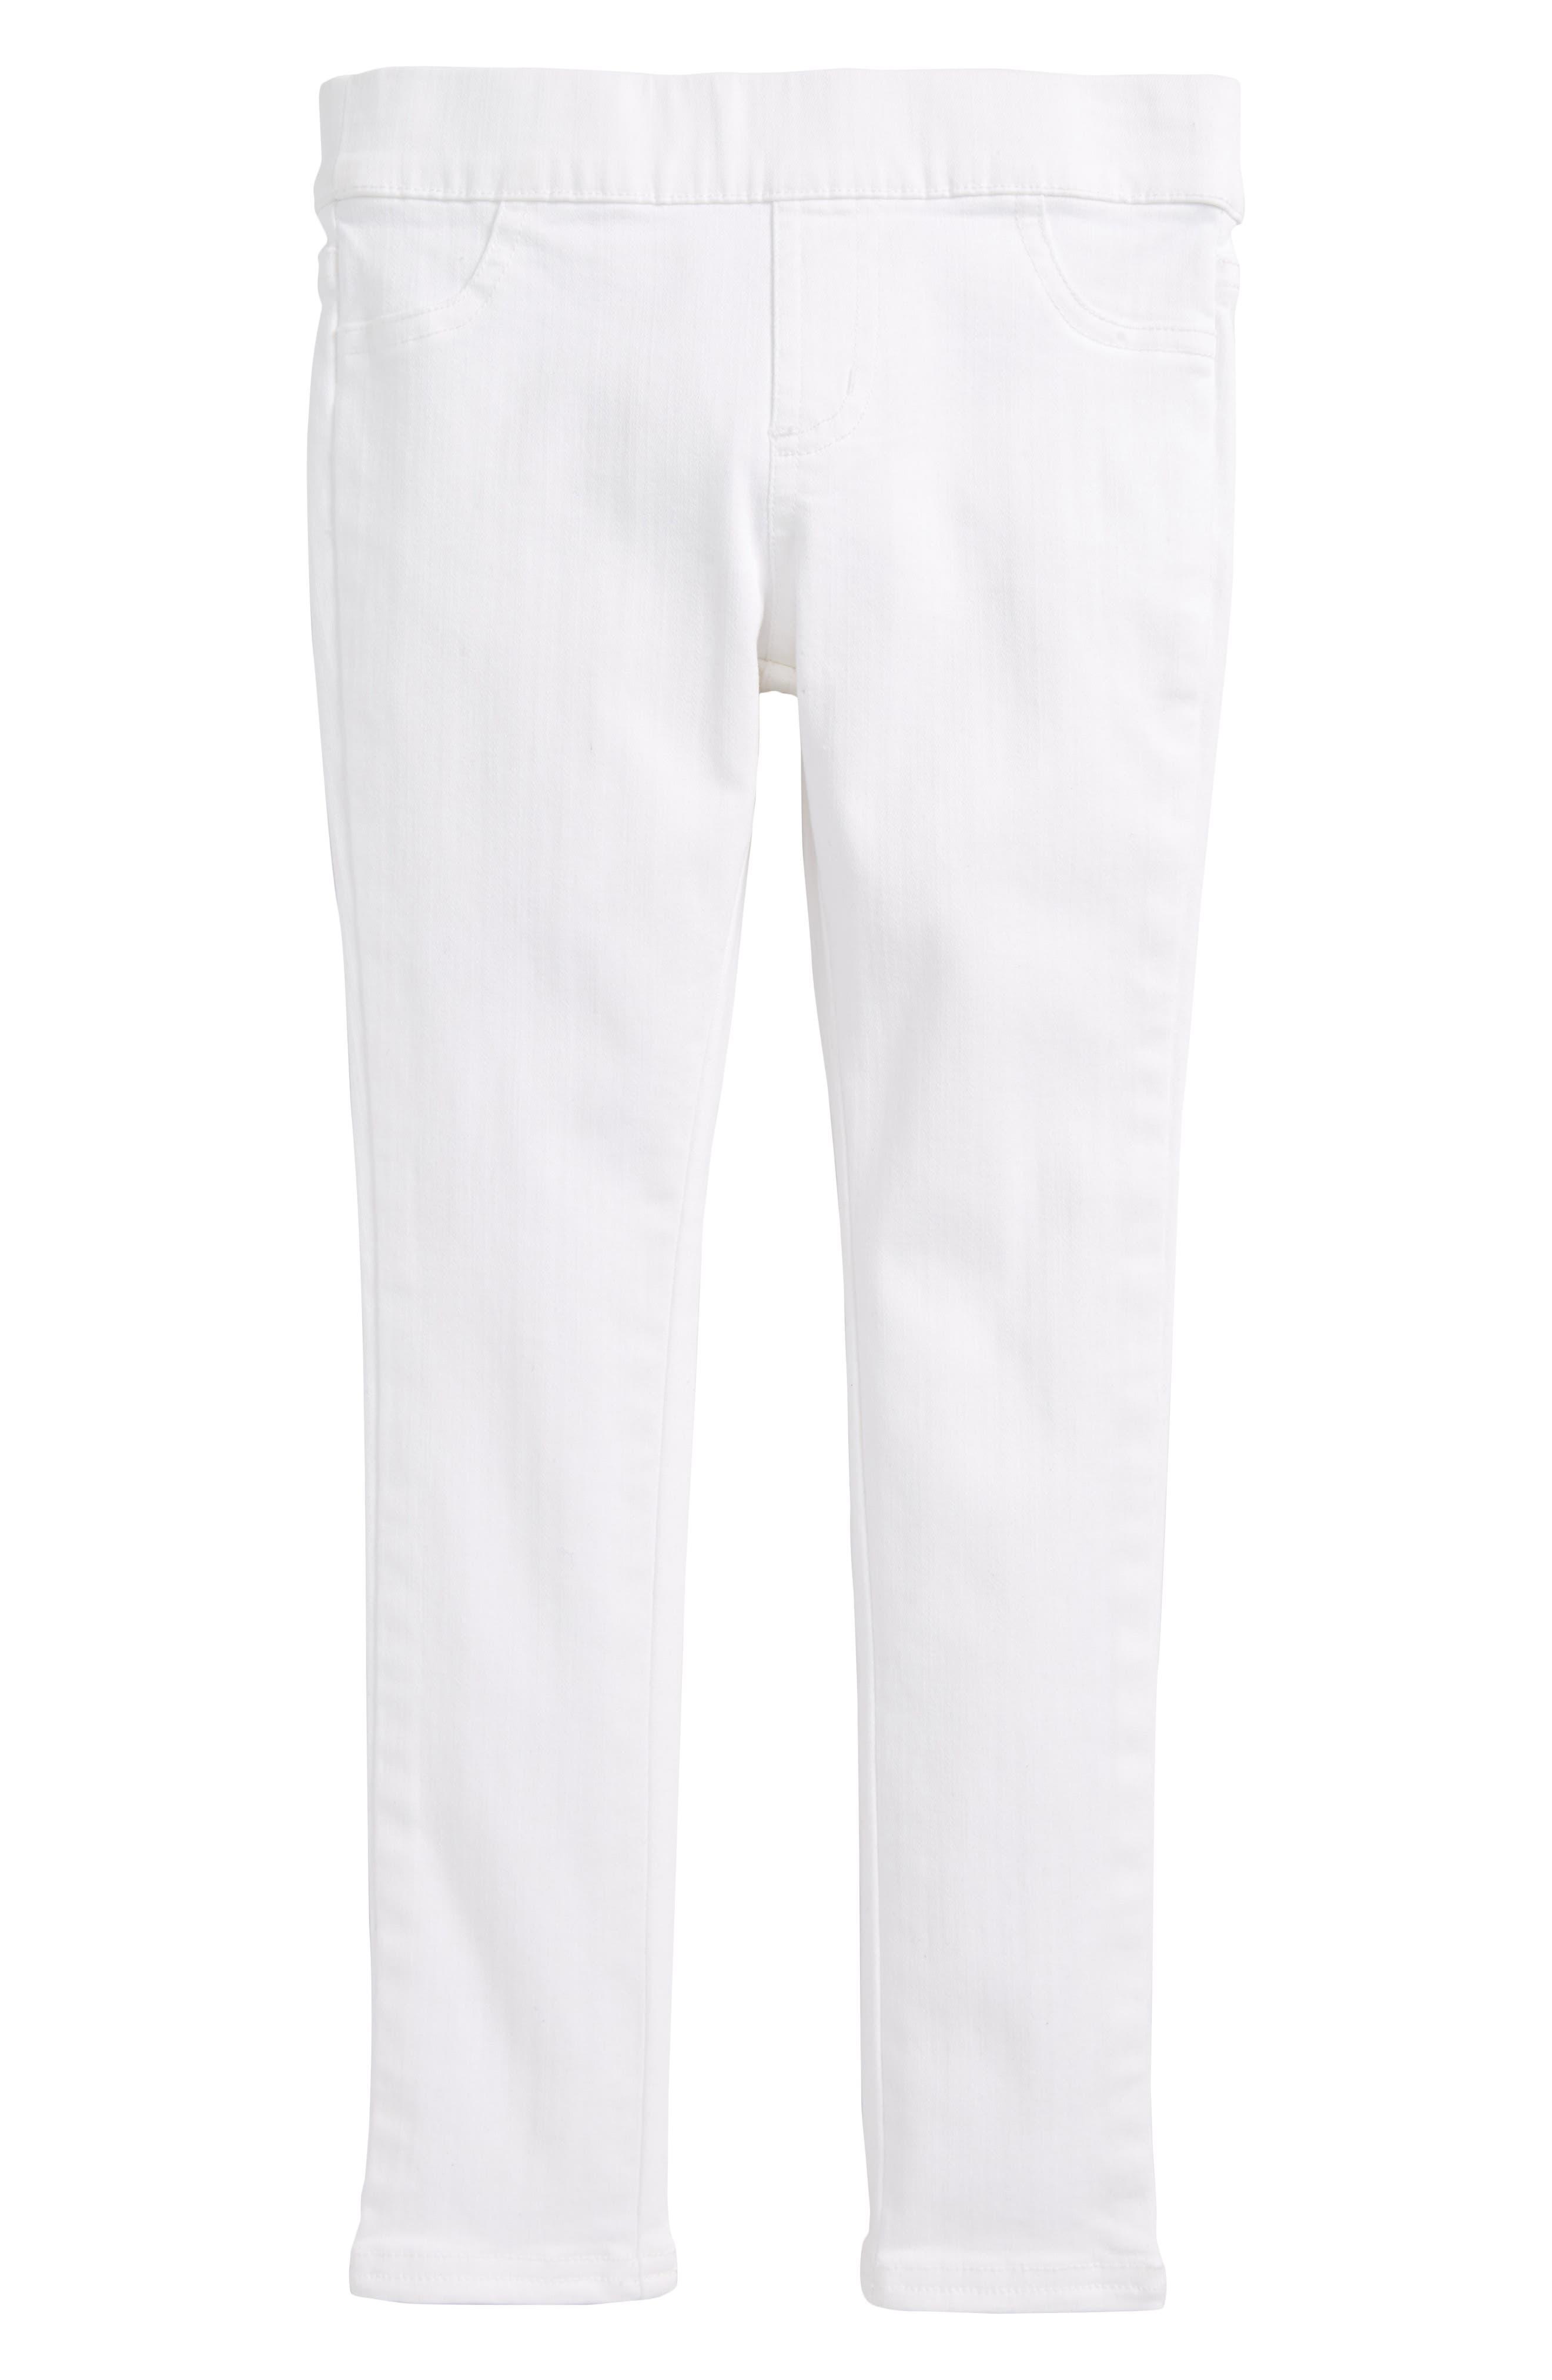 Denim Leggings,                         Main,                         color, White Cap